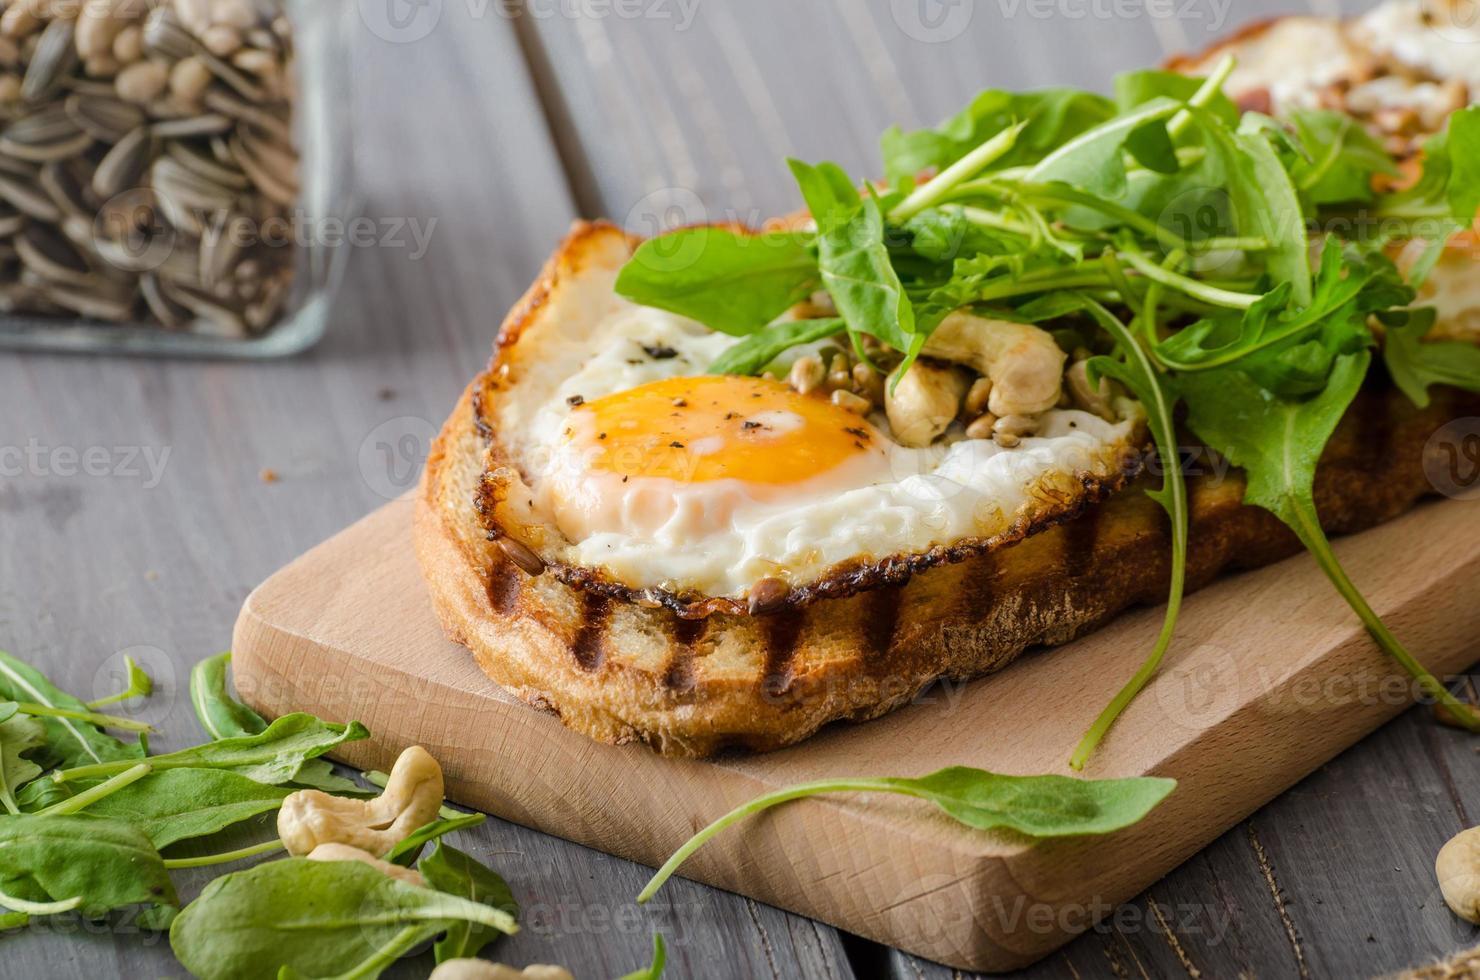 pão da vila, ovos fritos foto